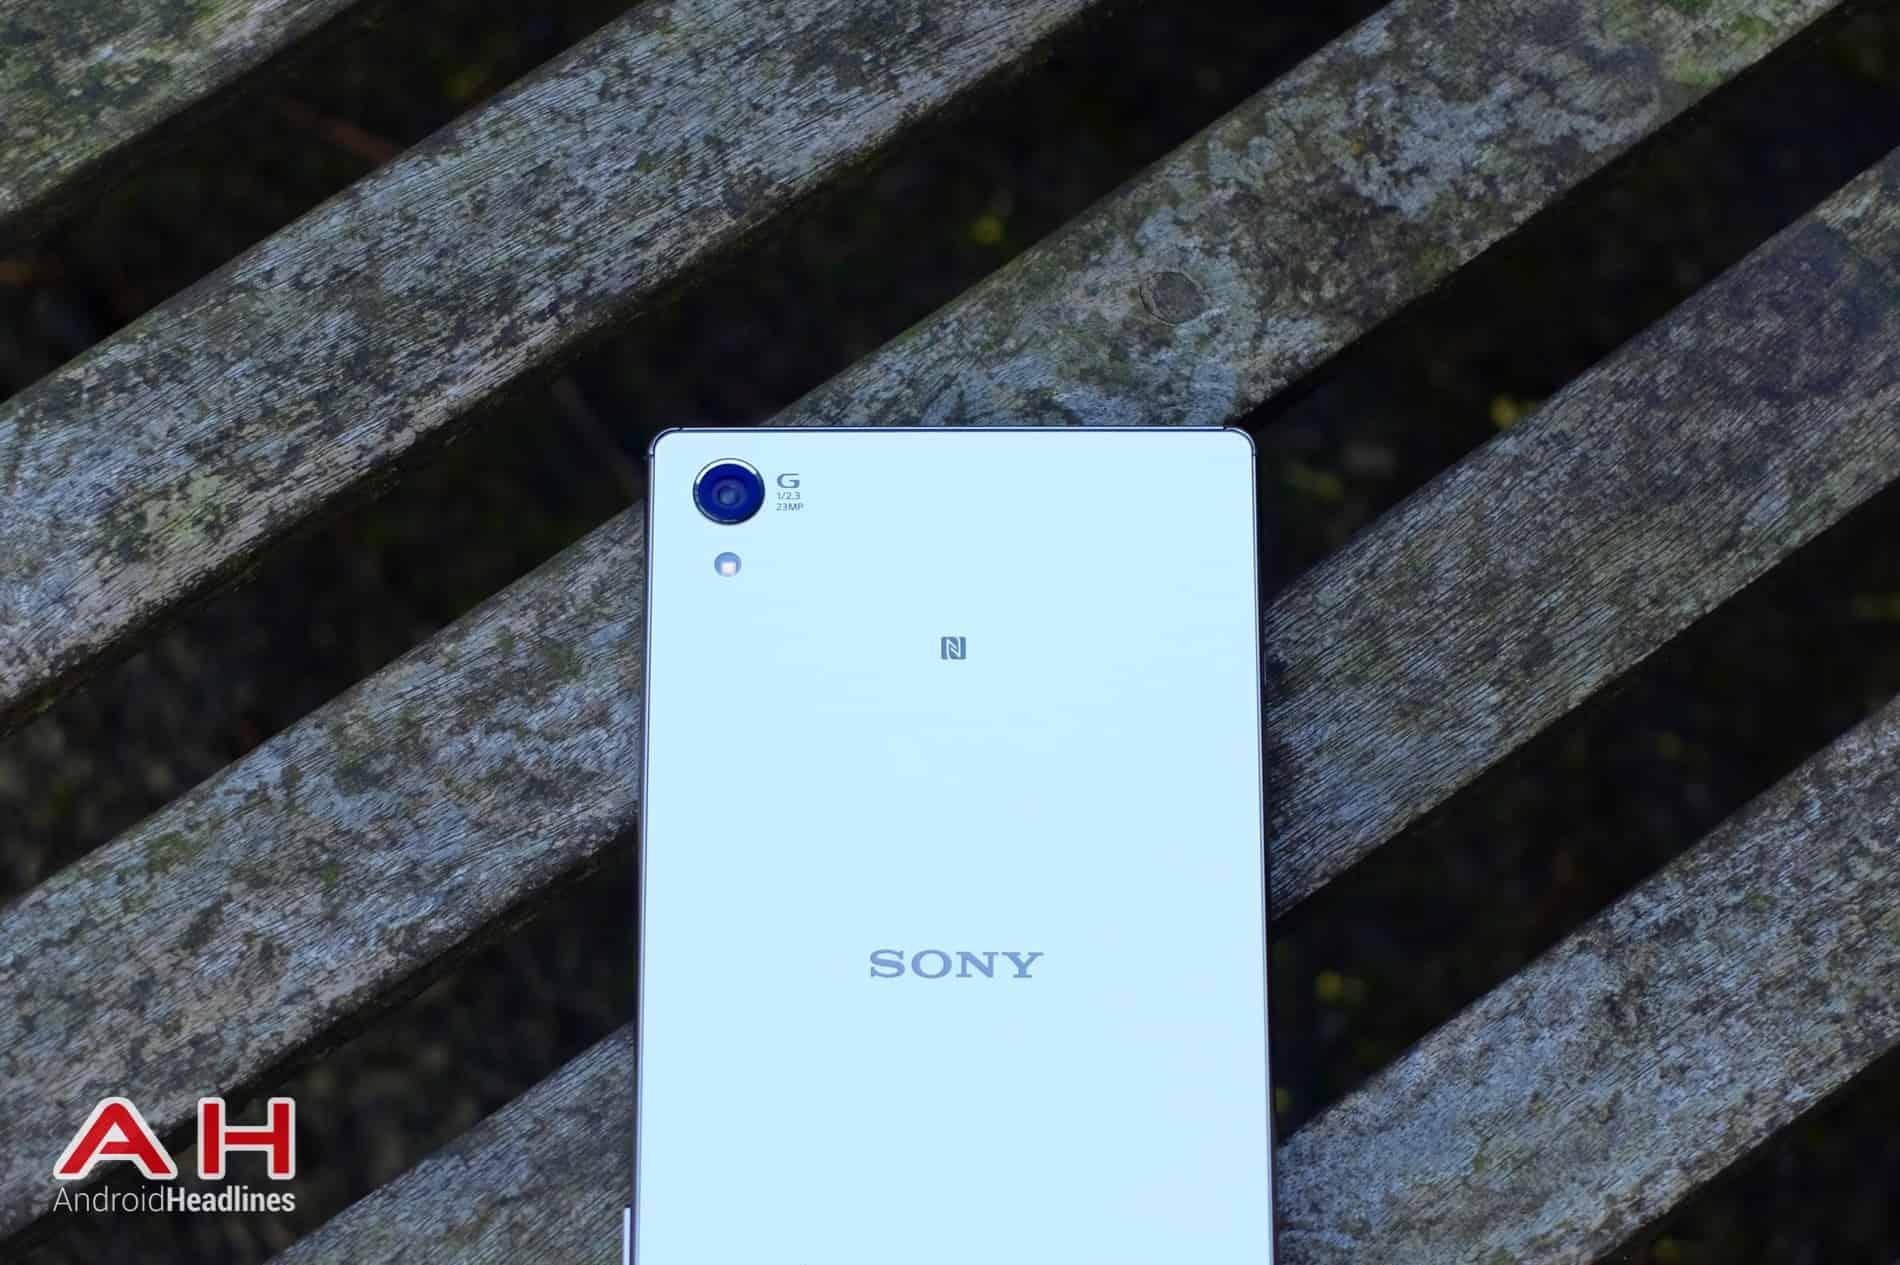 Sony Xperia Z5 Premium AH 02